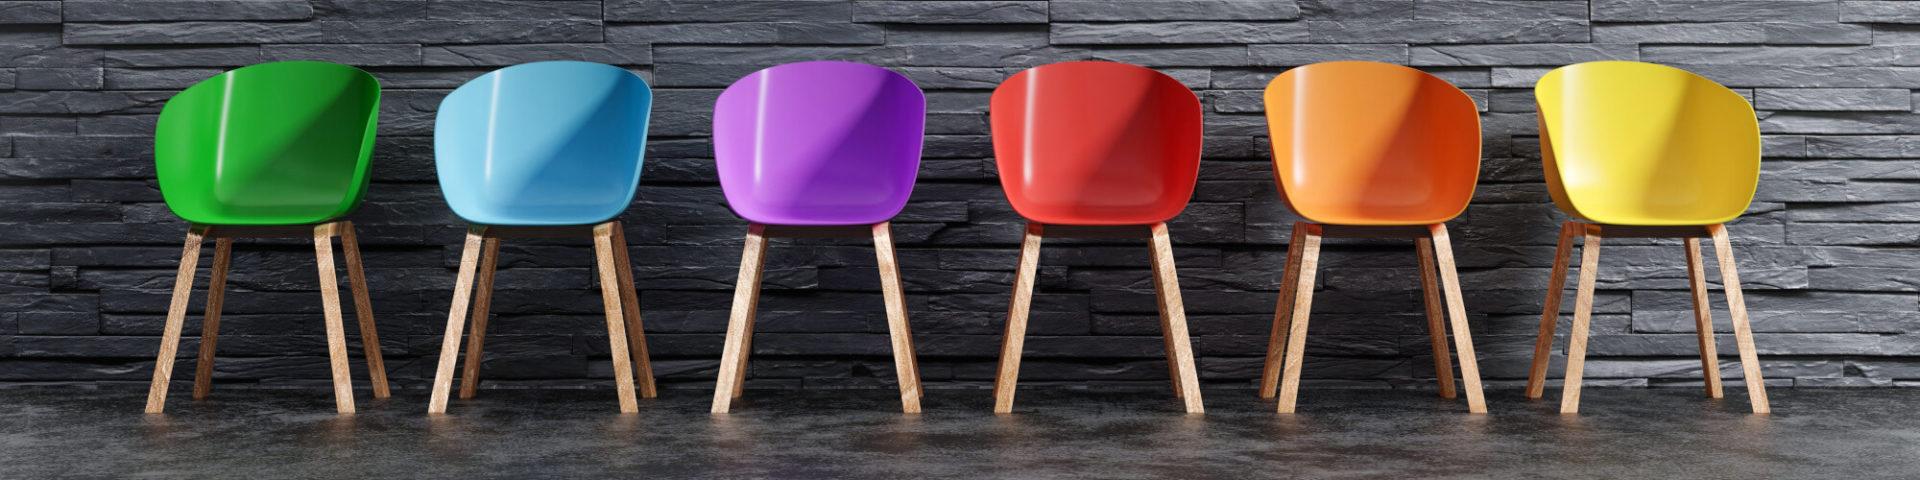 Stühle 6 Farben Jobsuche 2021